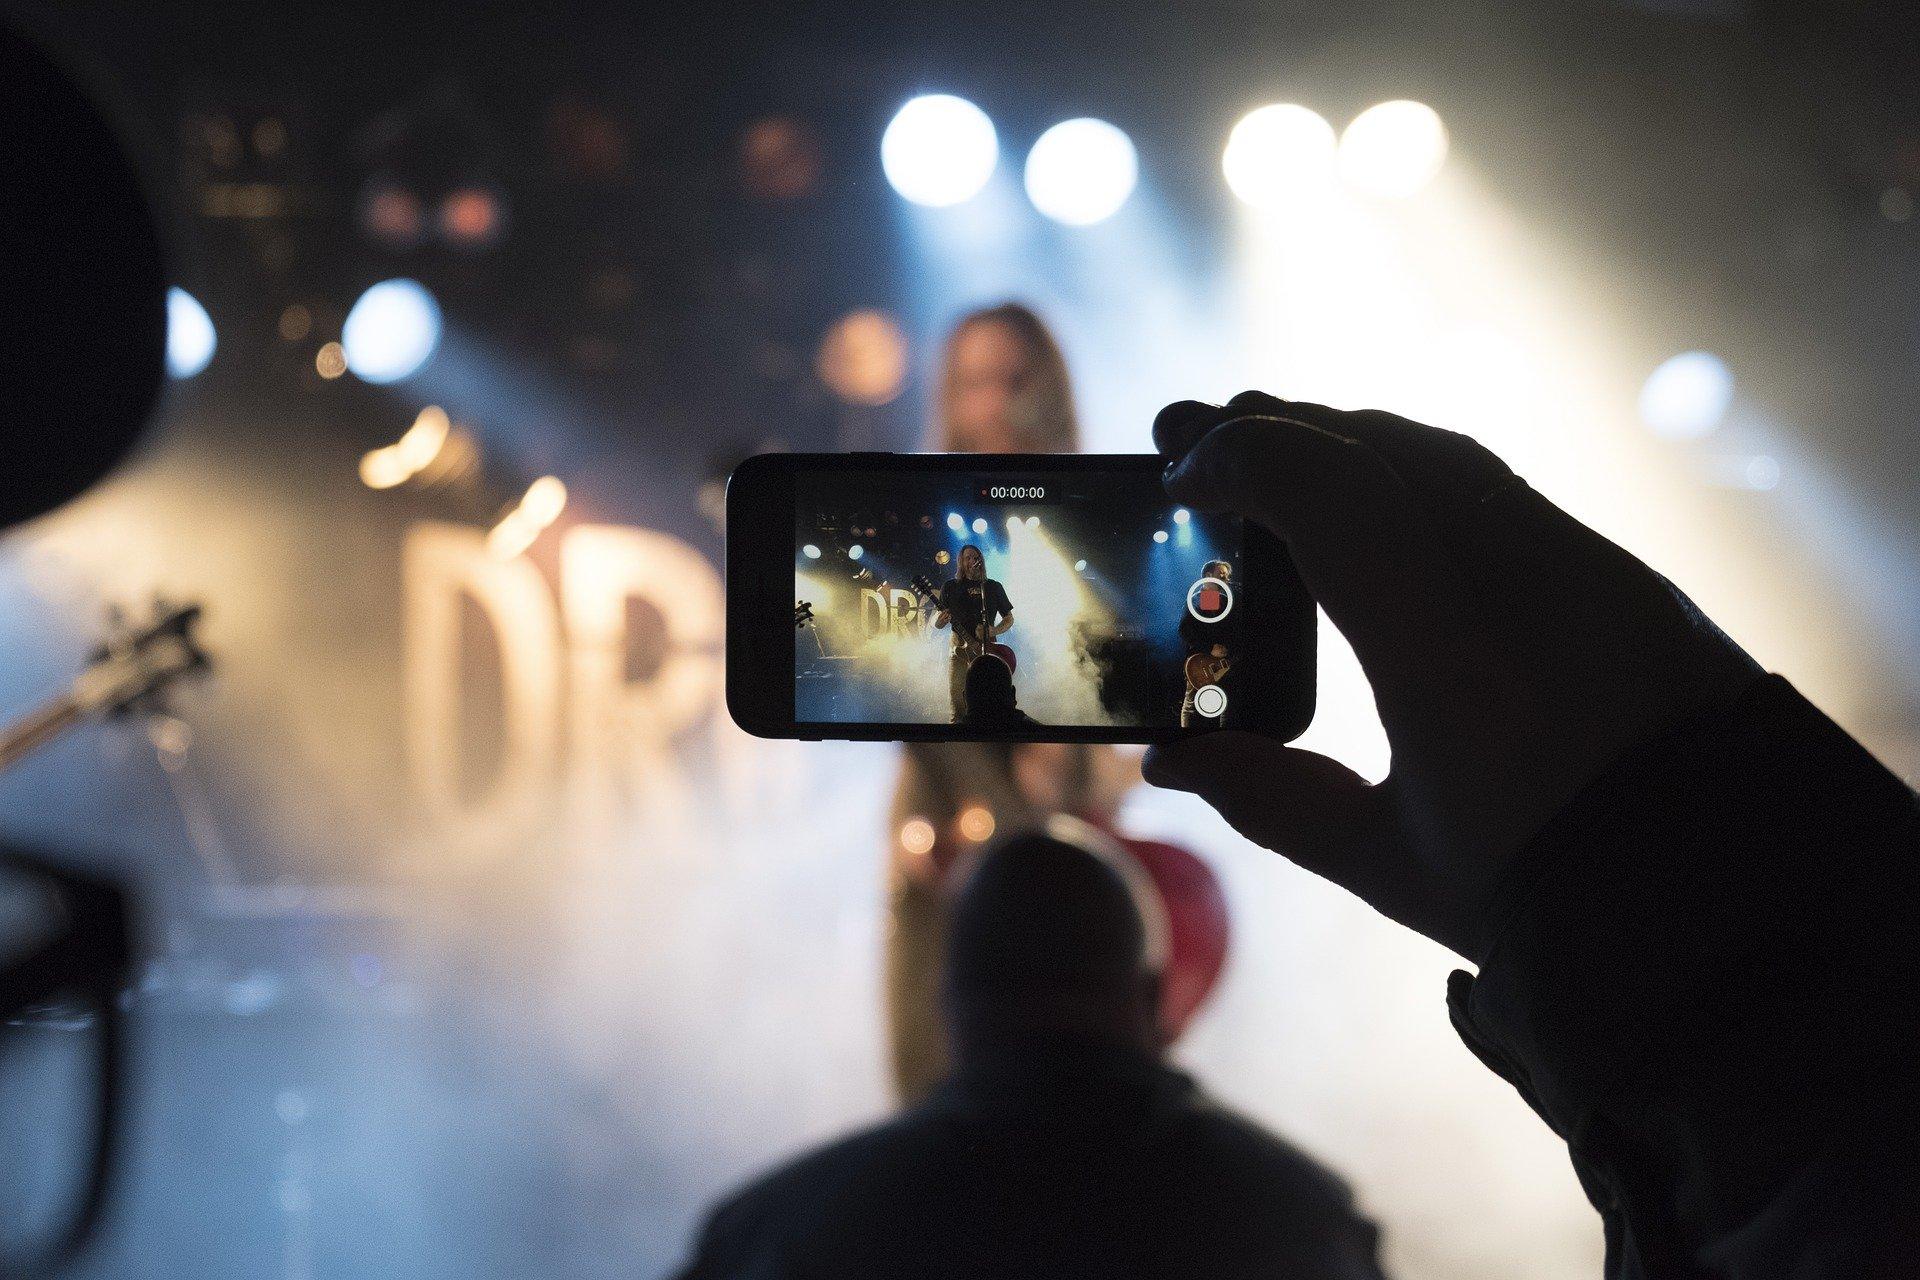 Konzertaufnahme mit Smartphone